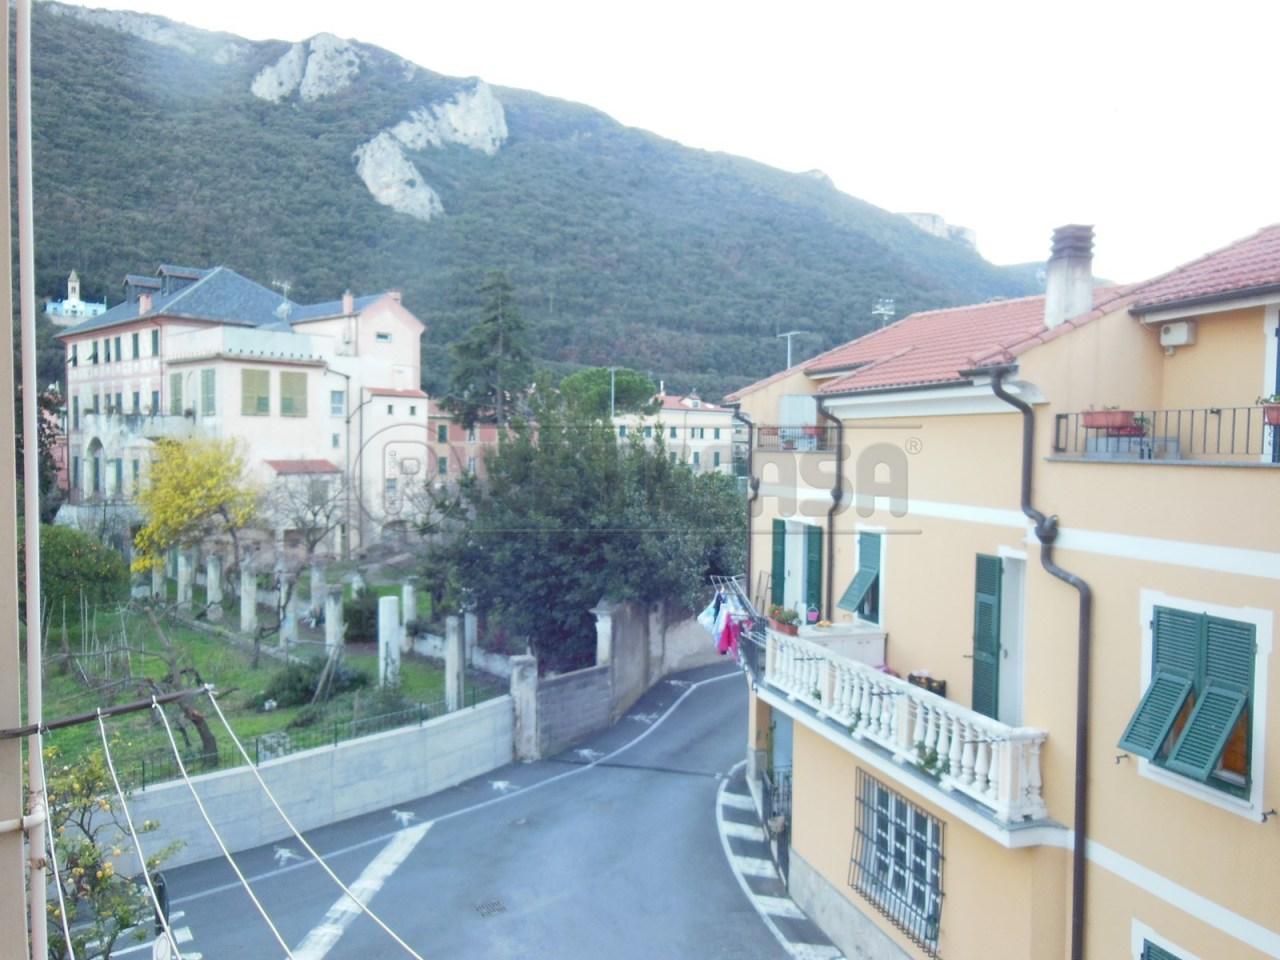 Appartamento in vendita a Finale Ligure, 9999 locali, prezzo € 270.000 | Cambio Casa.it